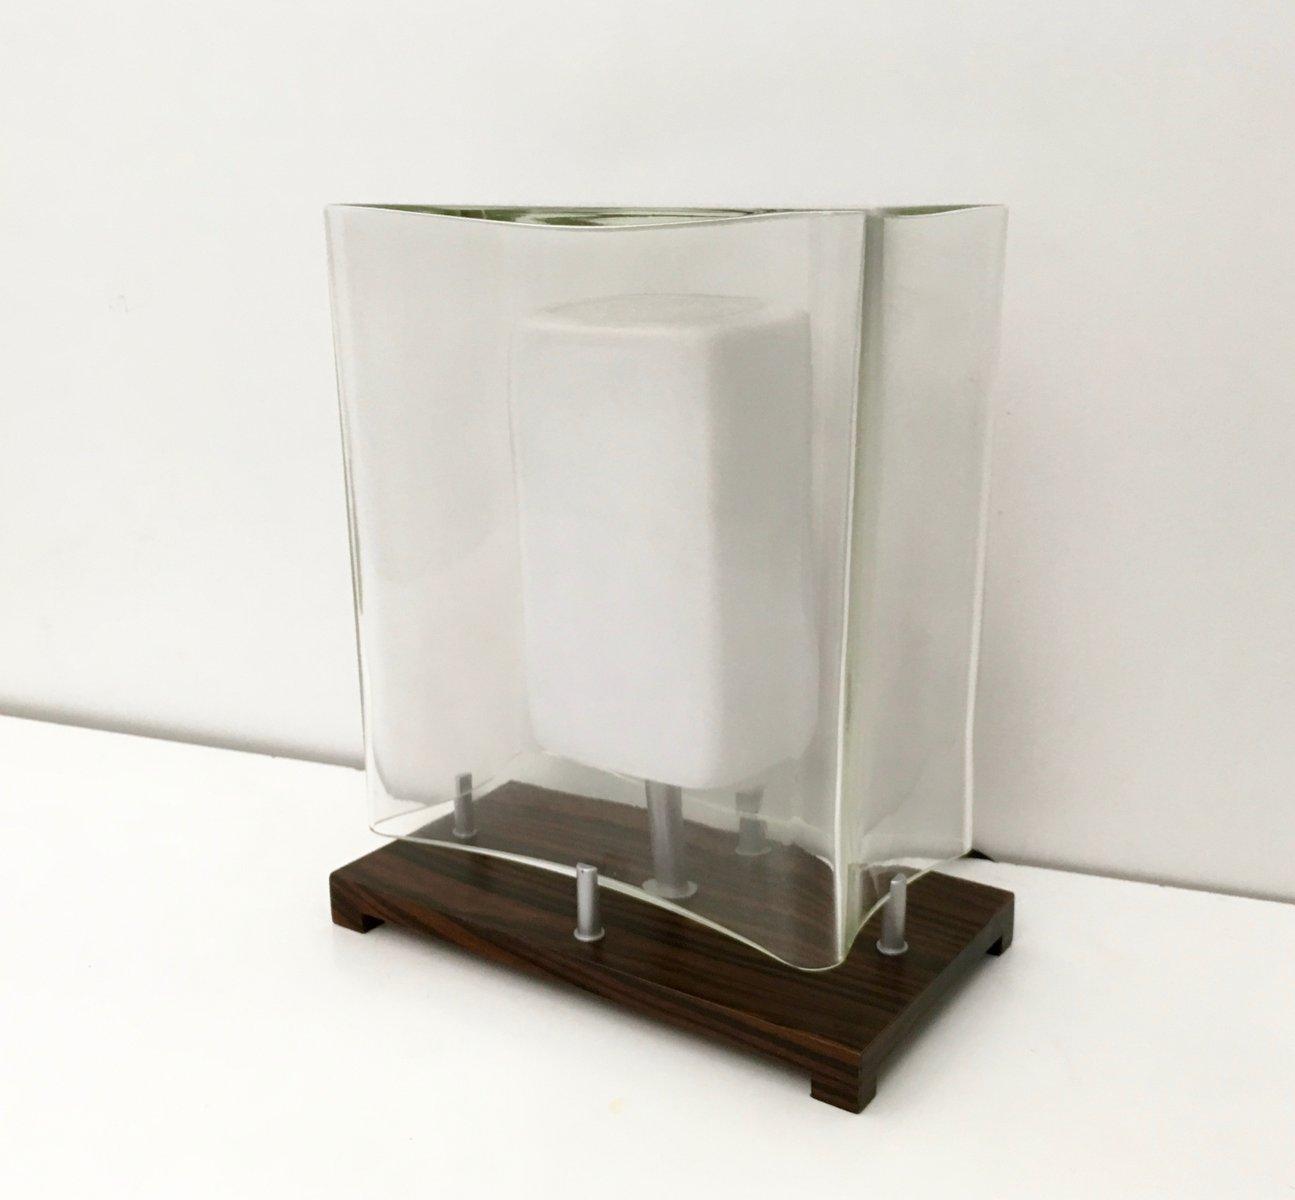 italienische vintage tischlampe aus palisander und mundgeblasenem glas 1980er bei pamono kaufen. Black Bedroom Furniture Sets. Home Design Ideas